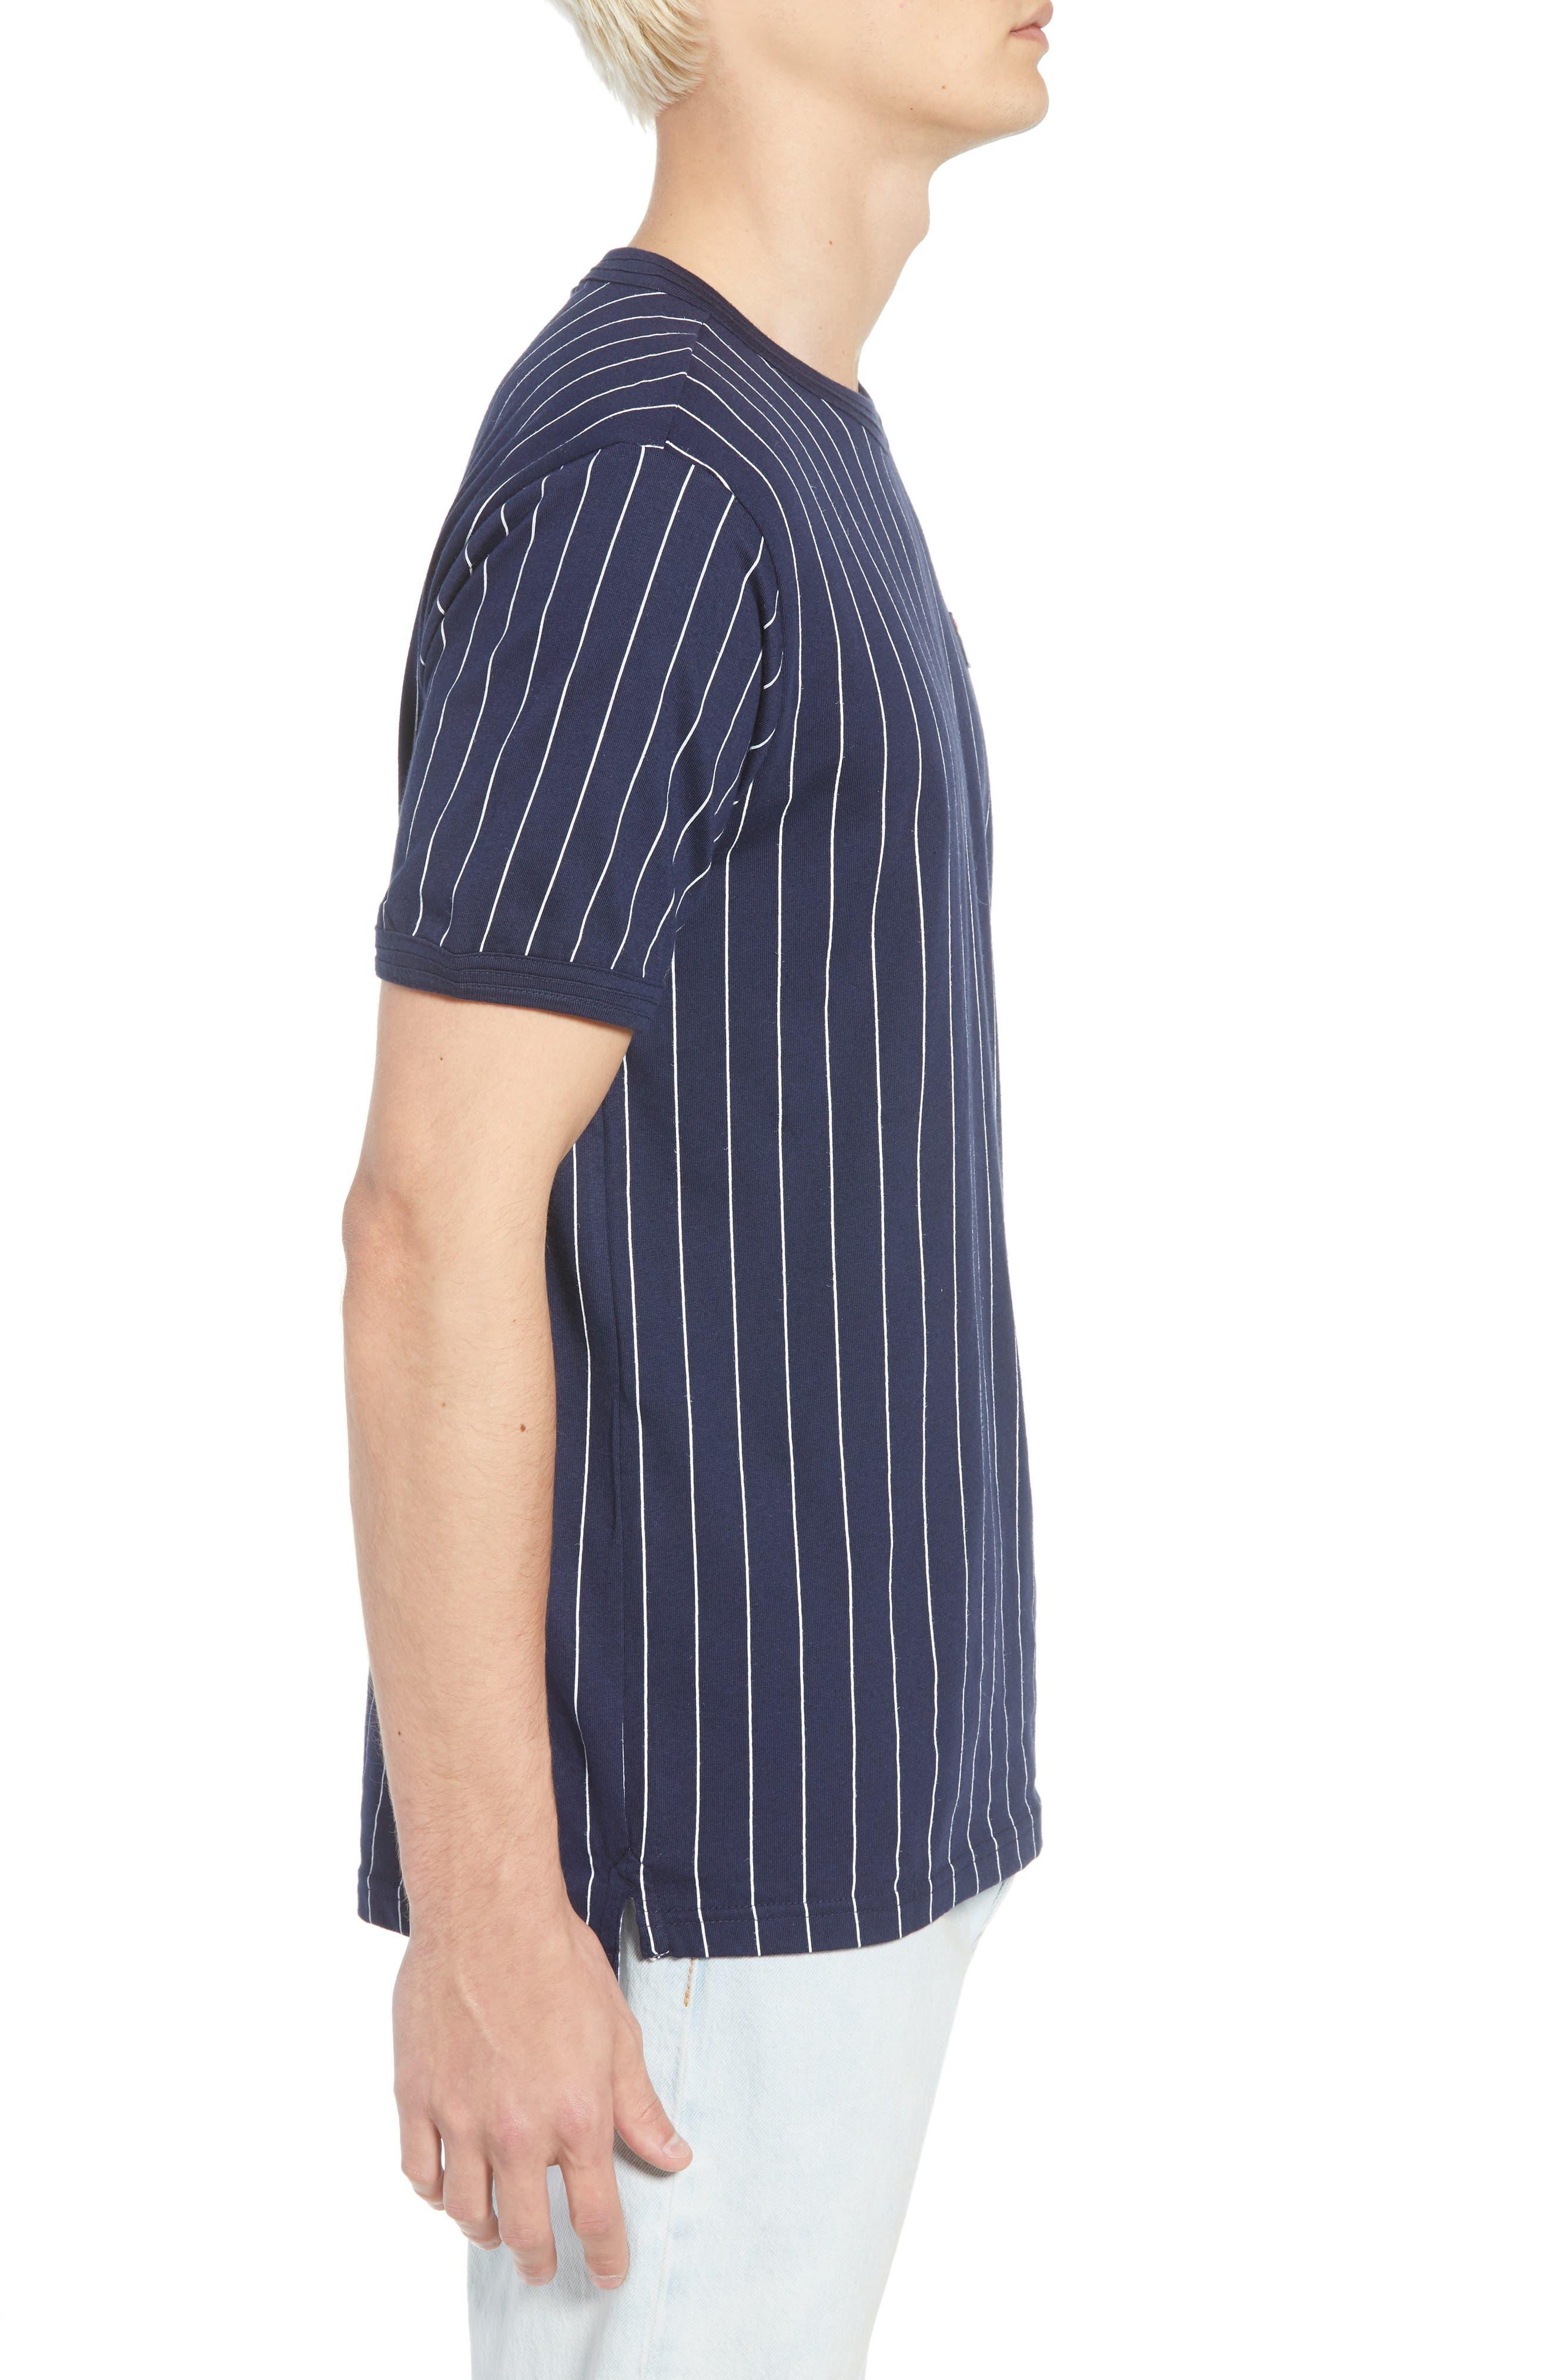 Guilo T-Shirt,                             Alternate thumbnail 3, color,                             PEACOAT/ WHITE